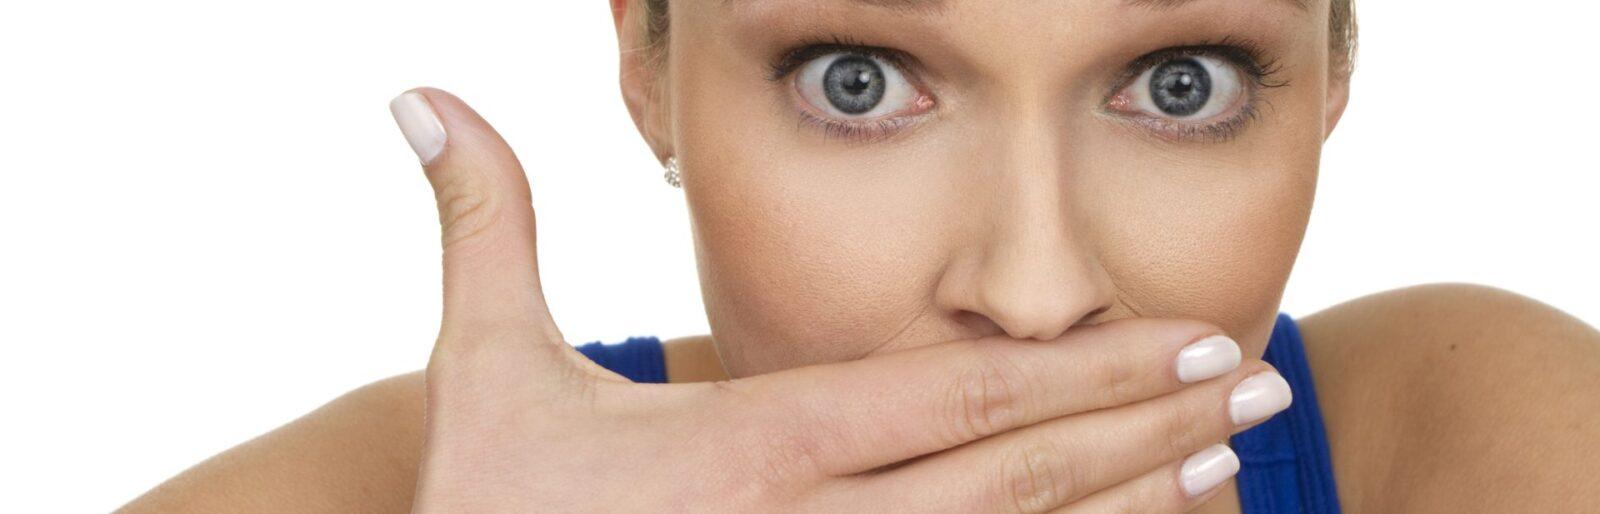 pulpitis és rossz lehelet az enterobiosis higiéniai intézkedései